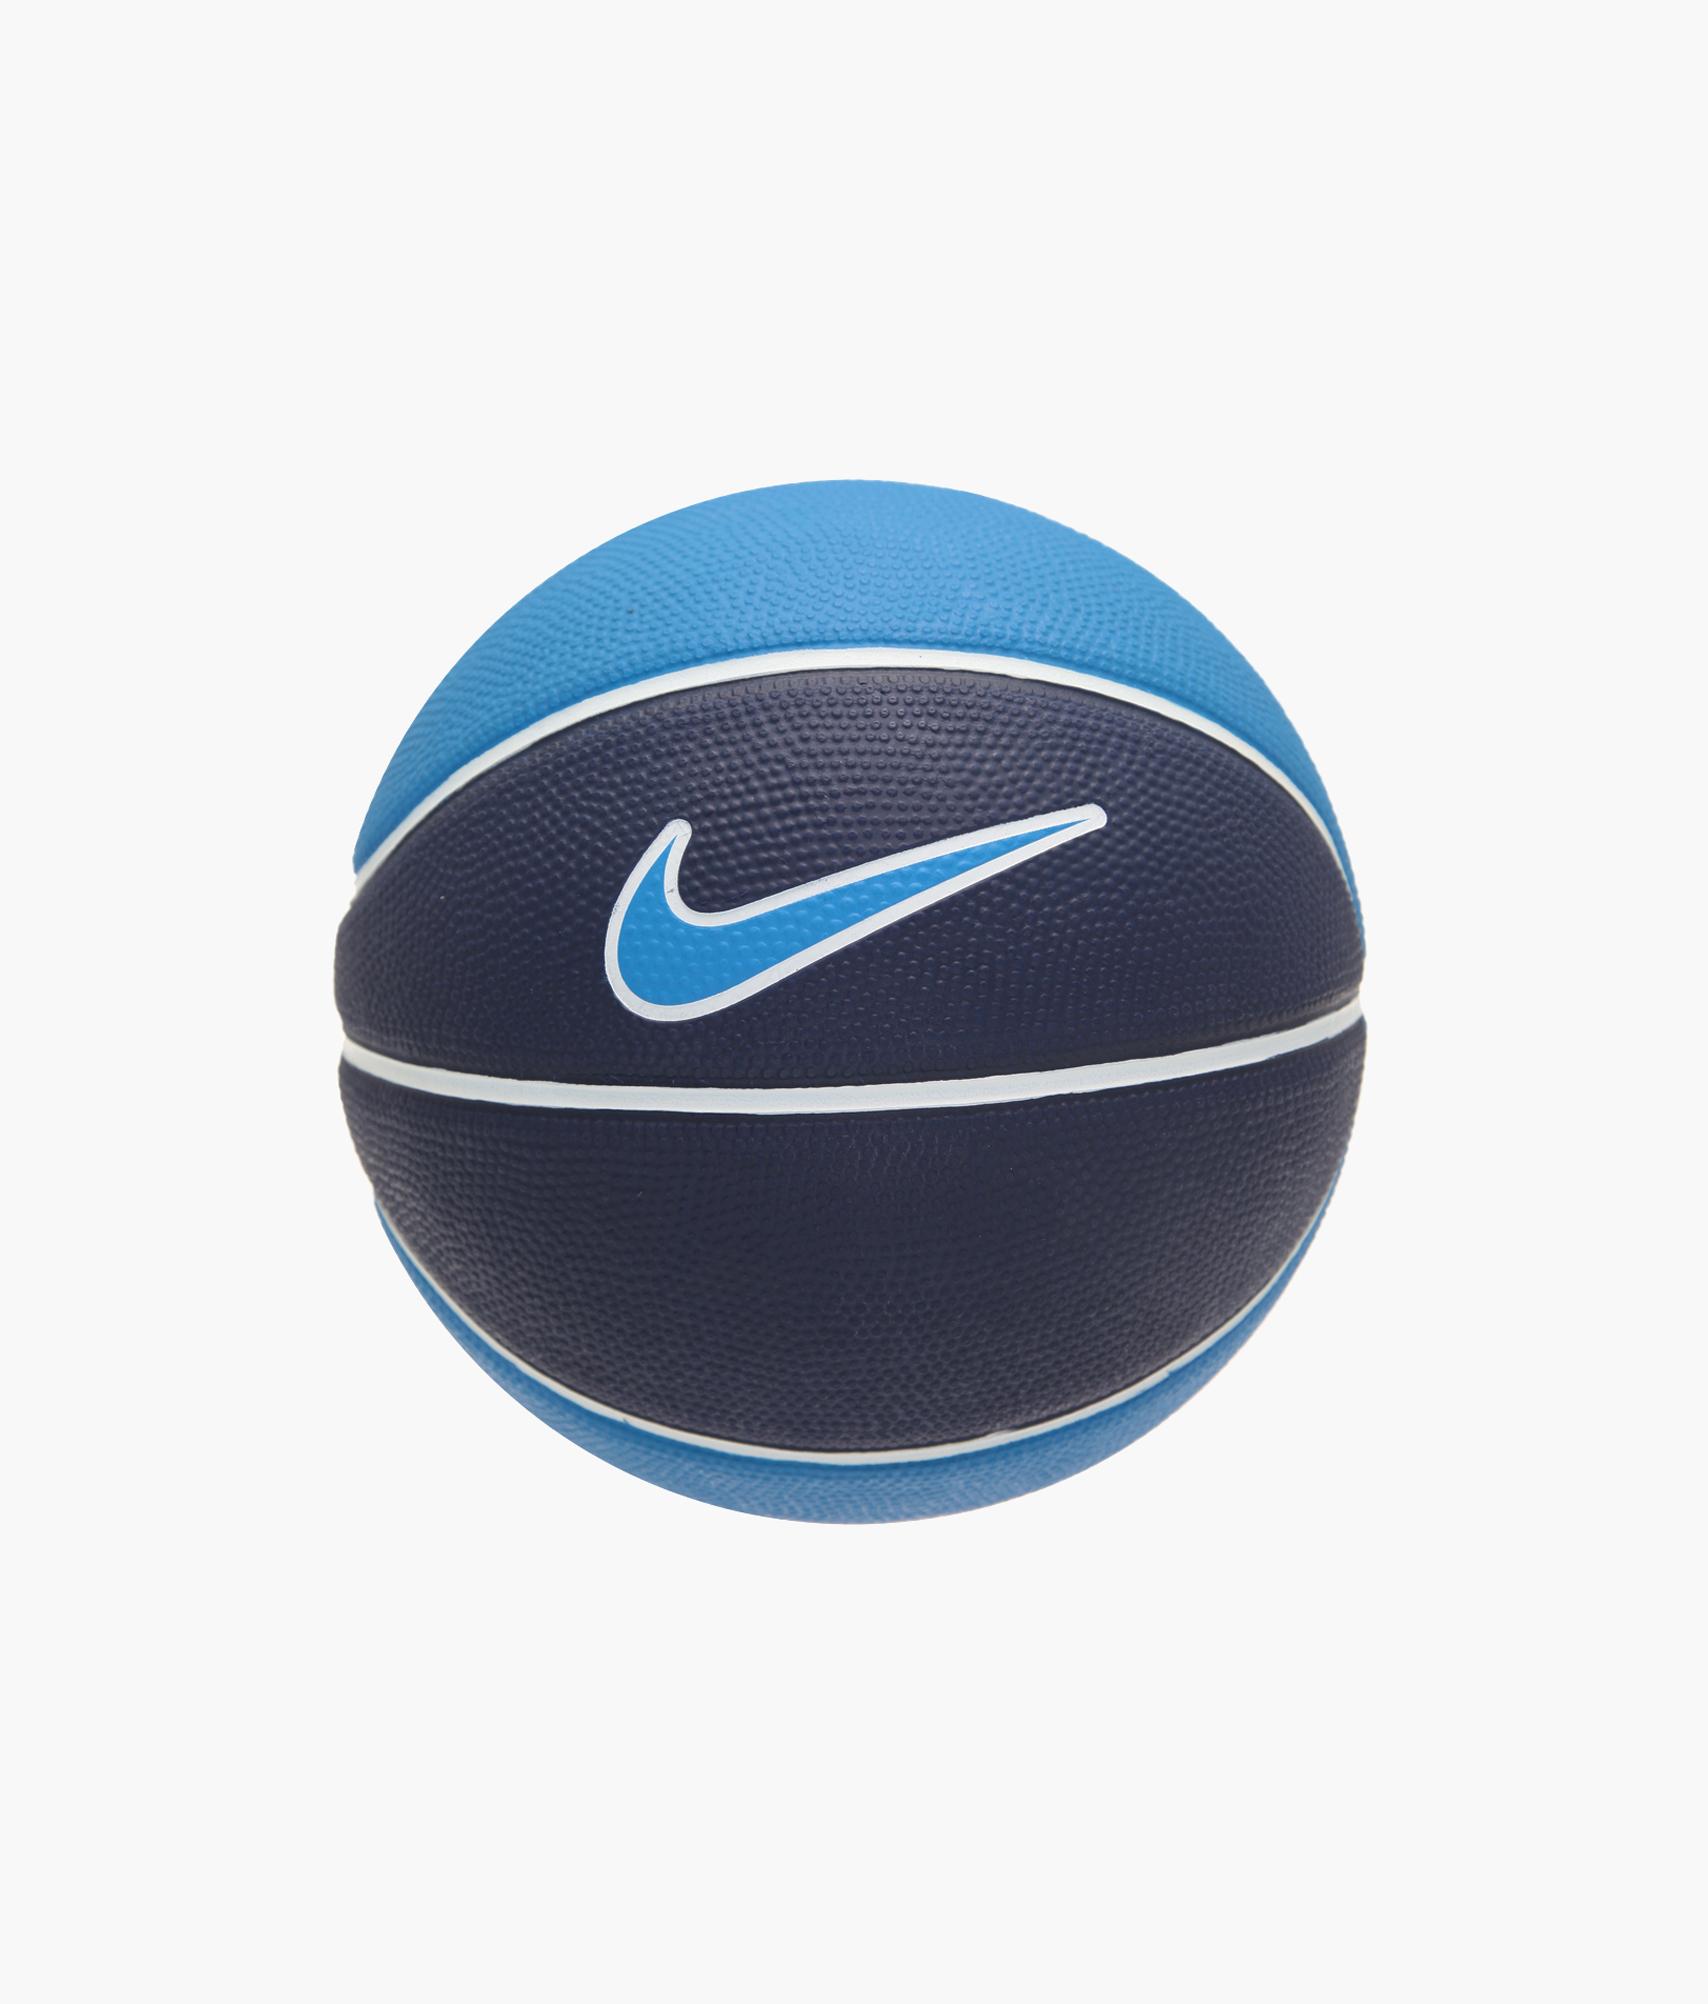 Мяч баскетбольный Nike Nike Цвет-Синий